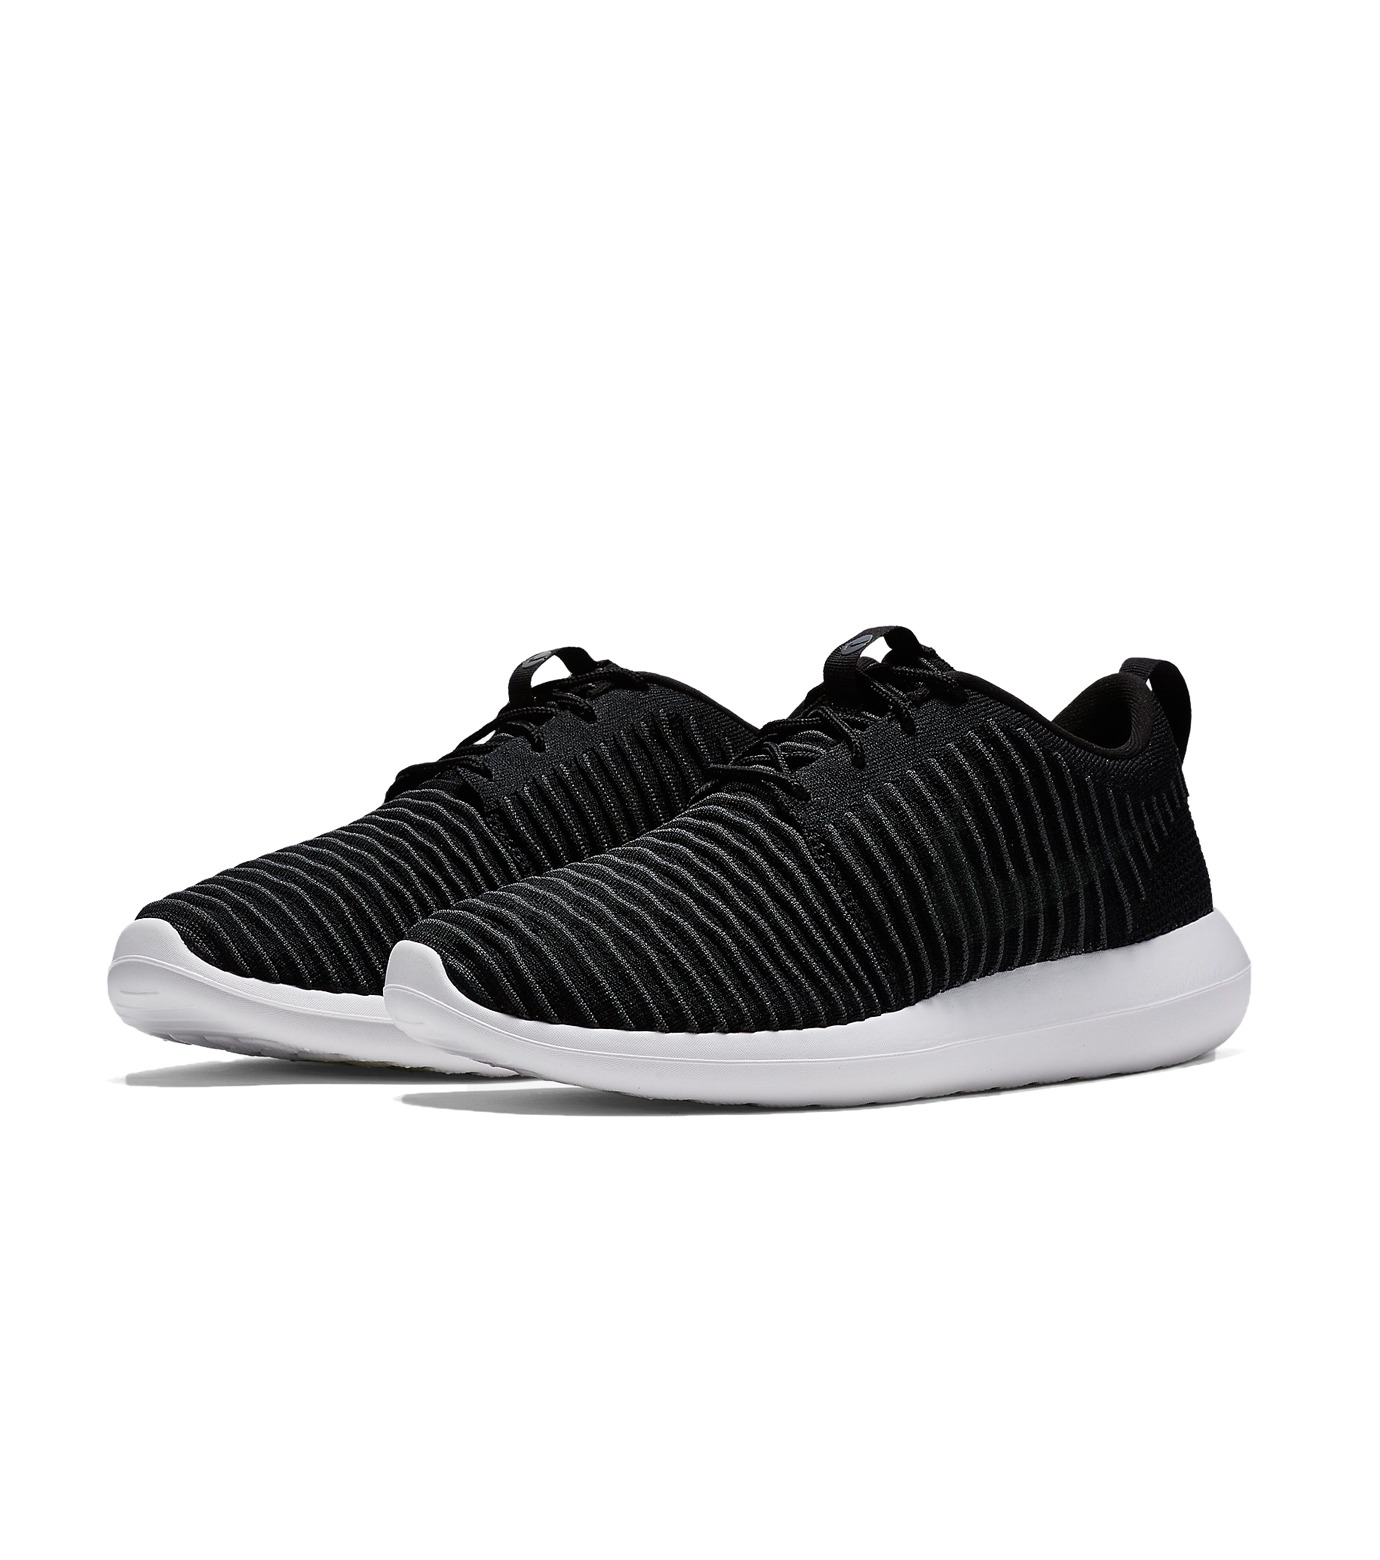 NIKE(ナイキ)のROSHE 2 FLYKNIT-BLACK(シューズ/shoes)-844833-001-13 拡大詳細画像3